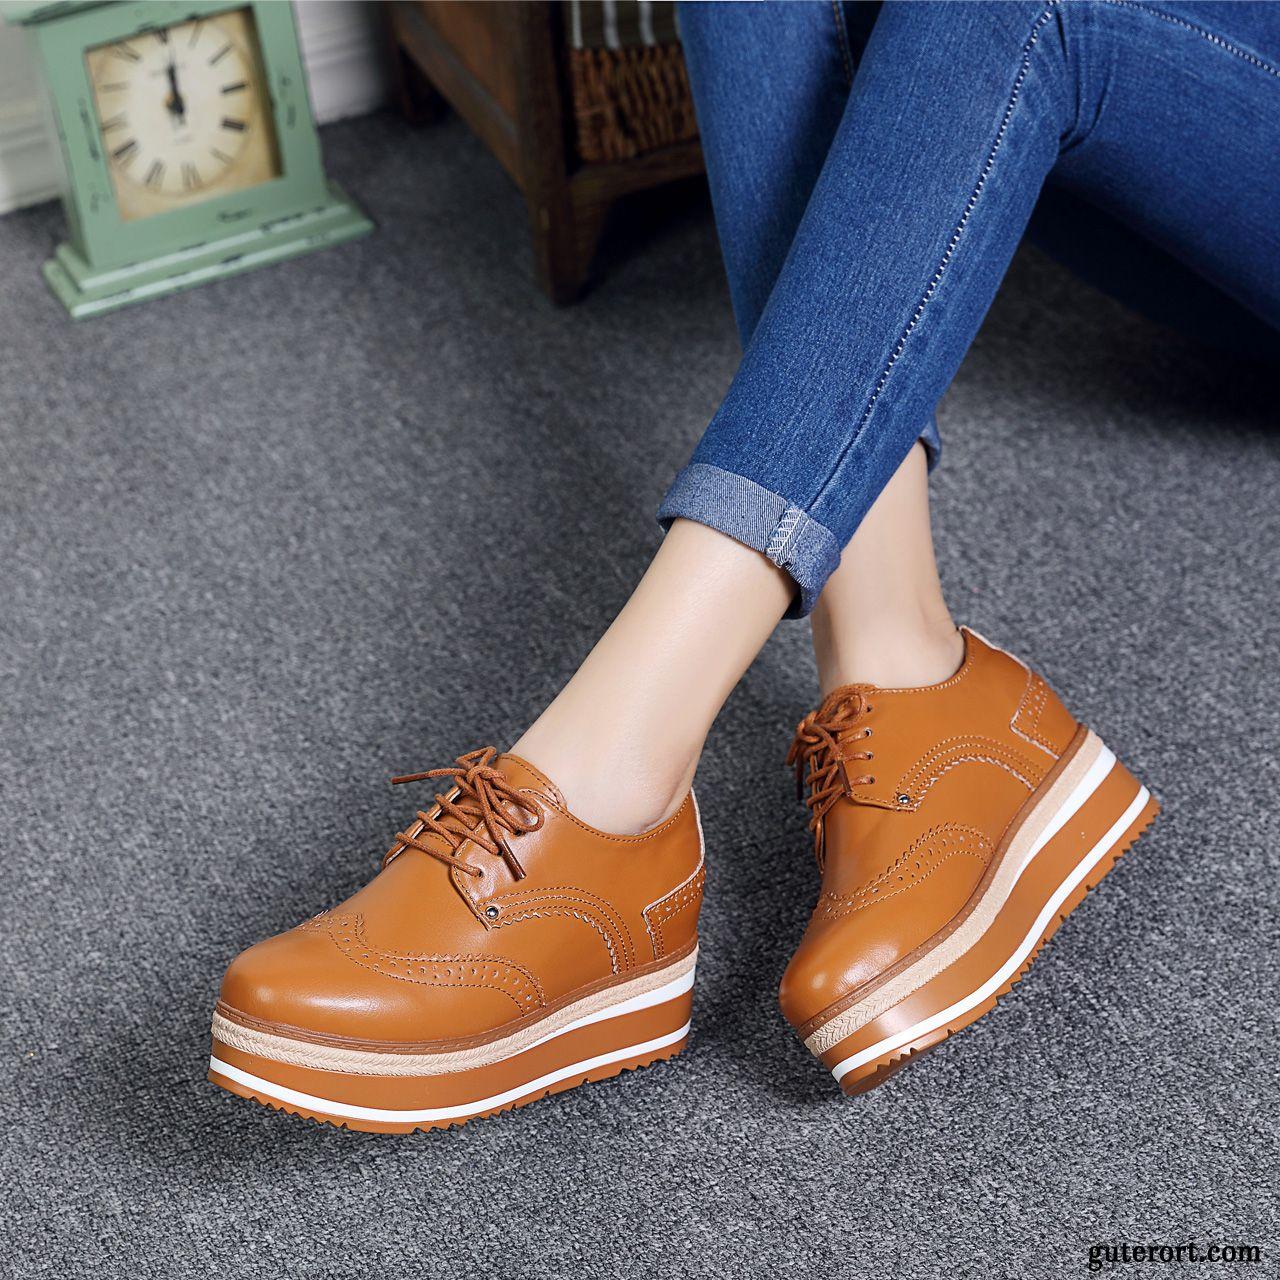 new style d3859 51ba3 Italienische Schuhe Online Kaufen Billig, Schuhe Online ...